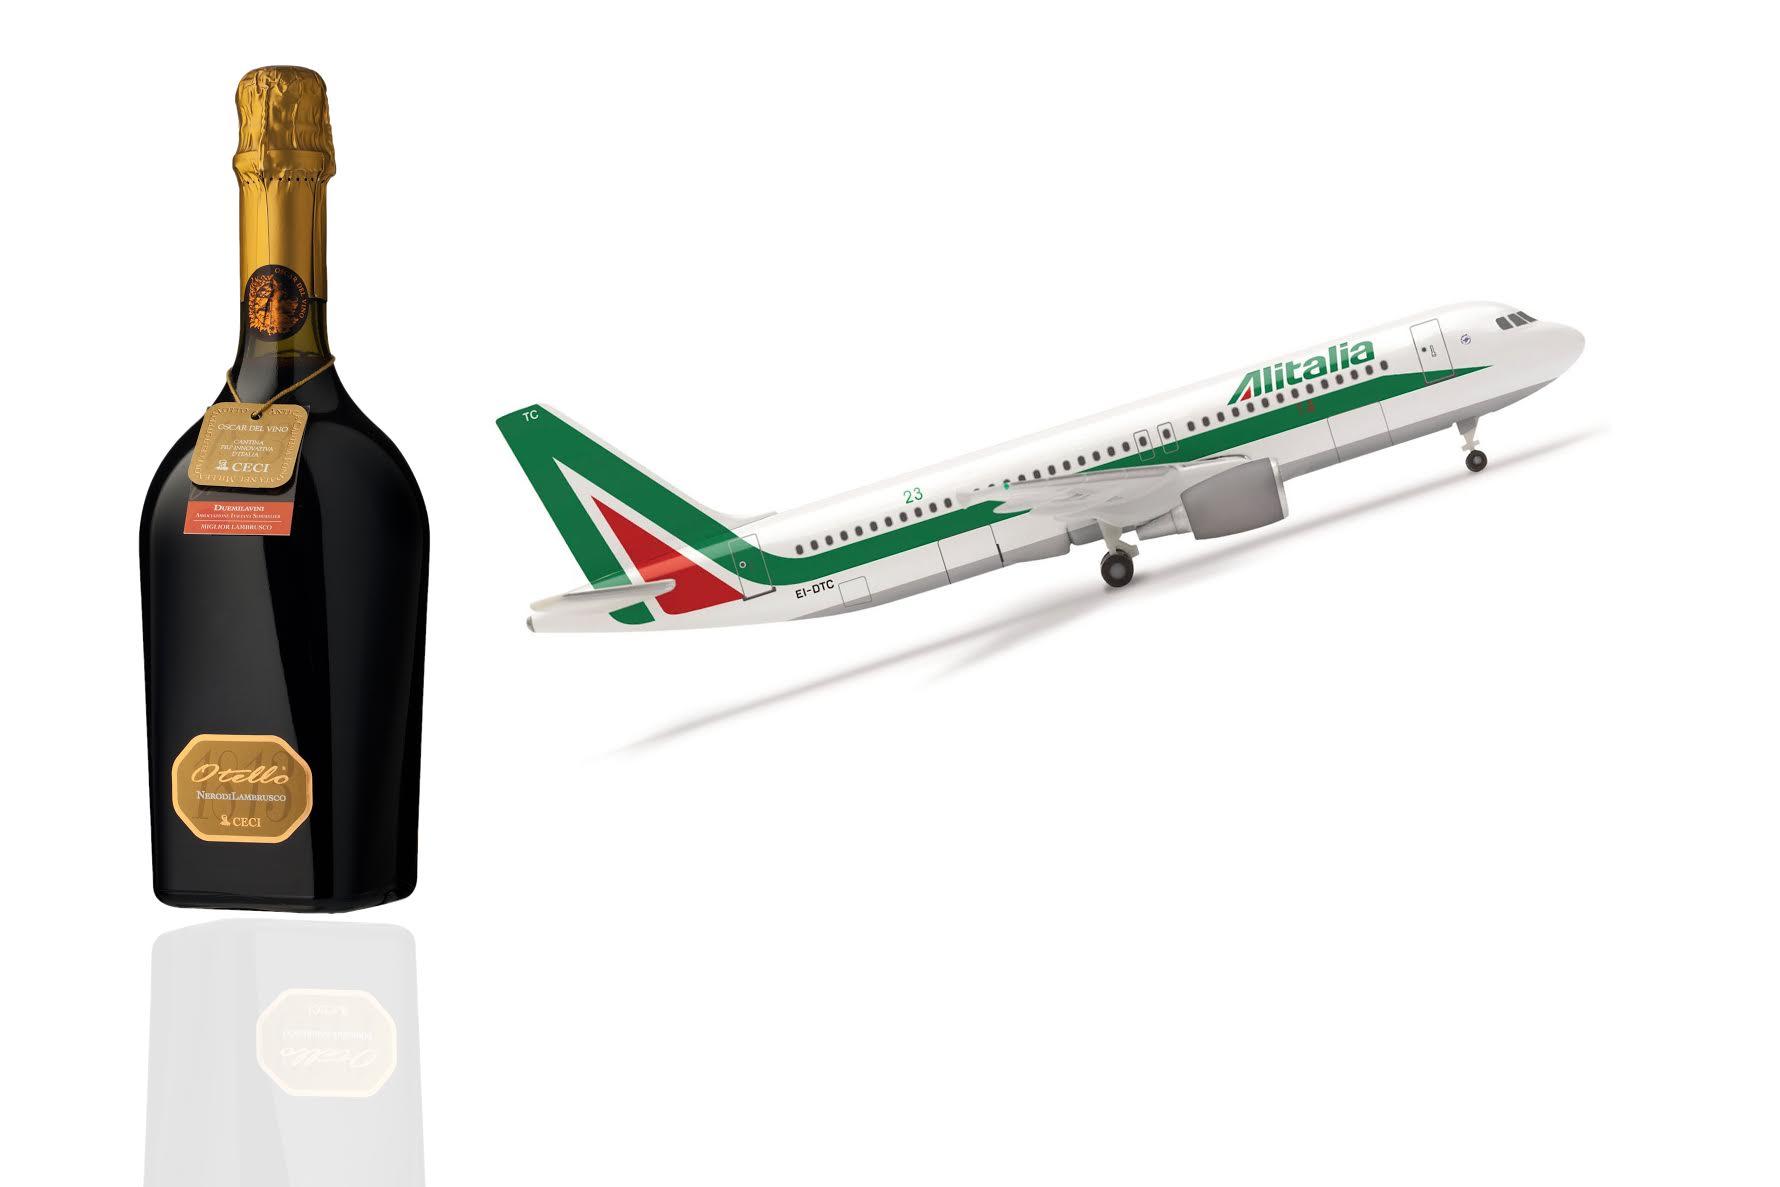 Otello NerodiLambrusco 1813 vola con Alitalia